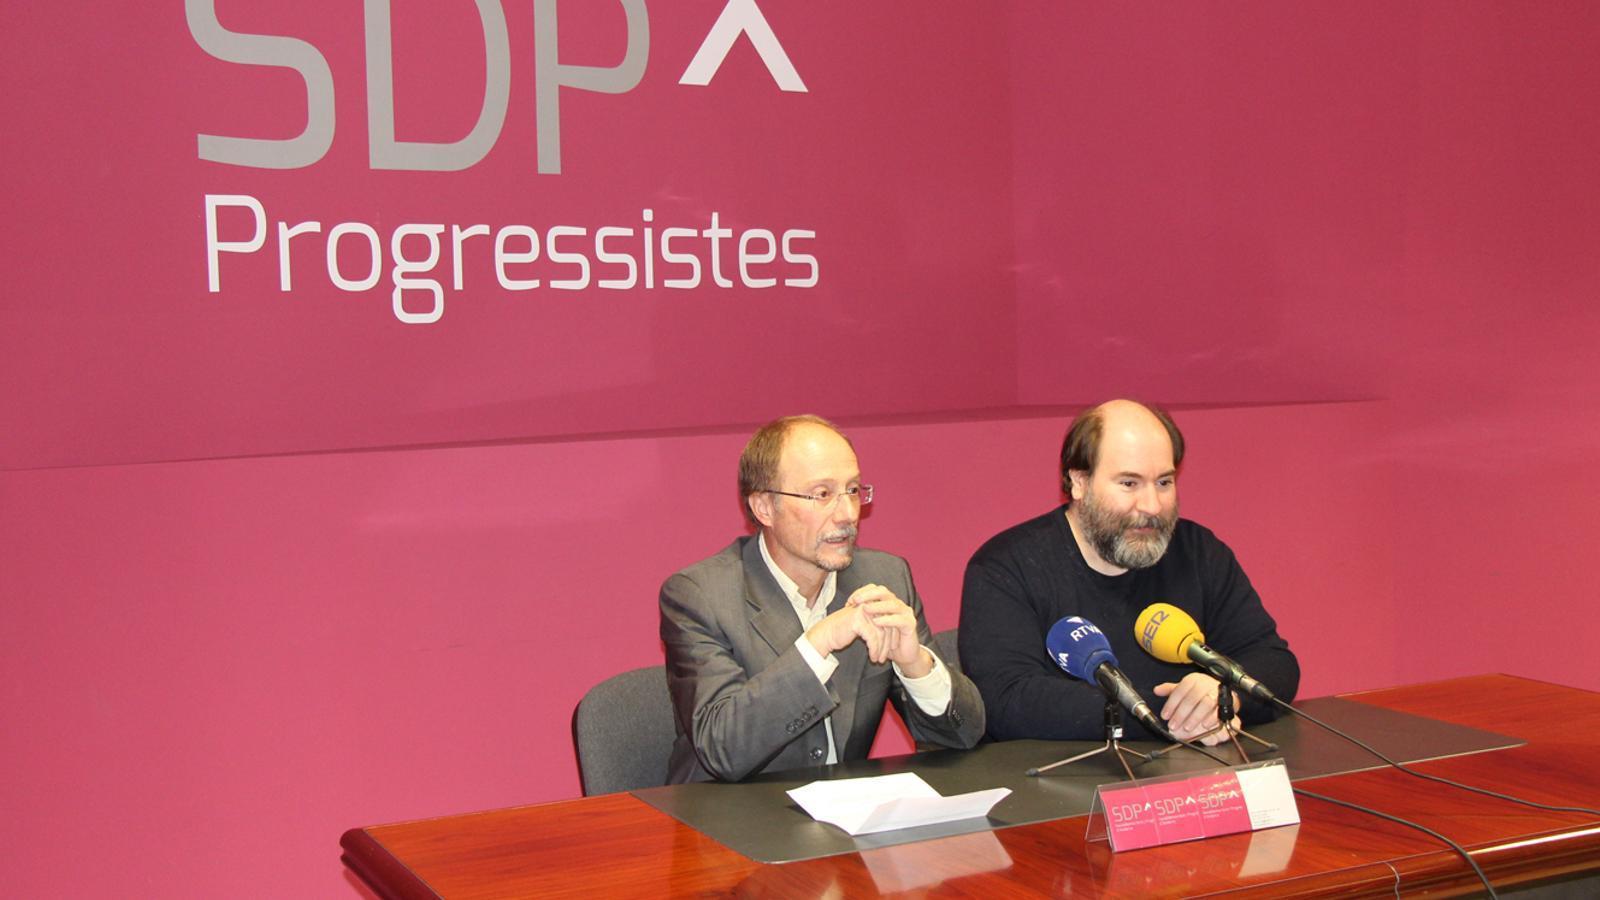 El conseller general de Socialdemocràcia i Progrés, Víctor Naudi, i el secretari d'organització d'SDP, Joan-Marc Miralles, en la roda de premsa setmanal d'aquest dimarts. / E. J. M.